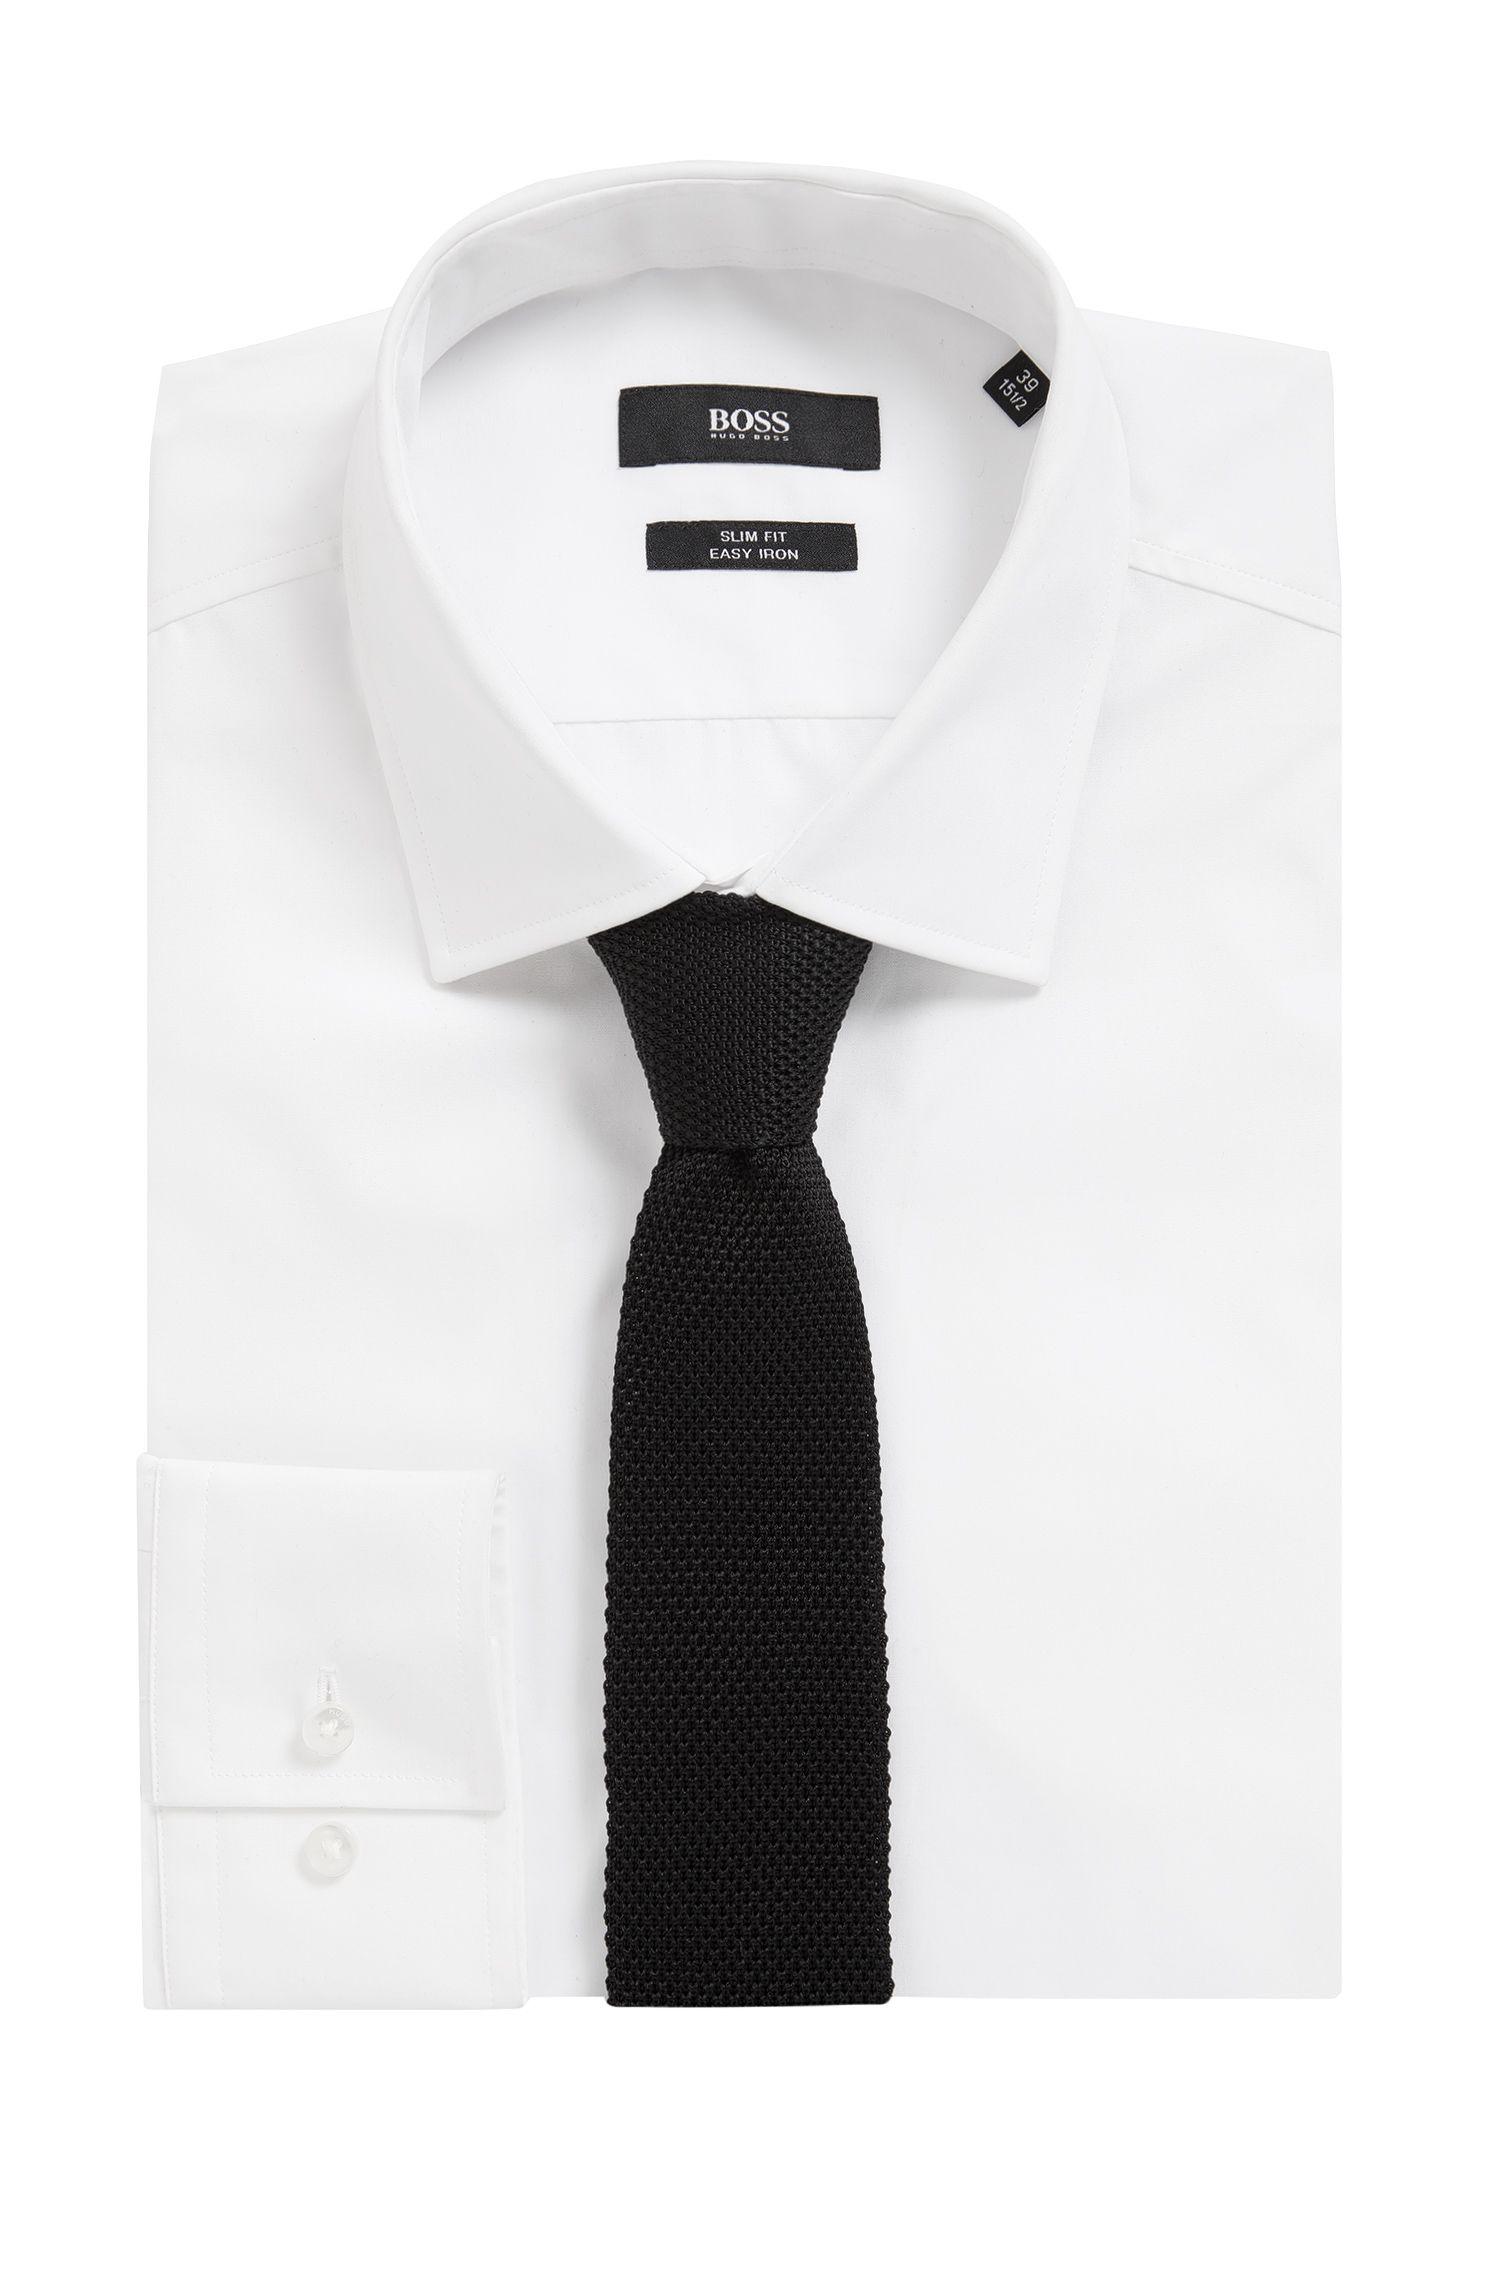 Cravate droite en soie tricotée